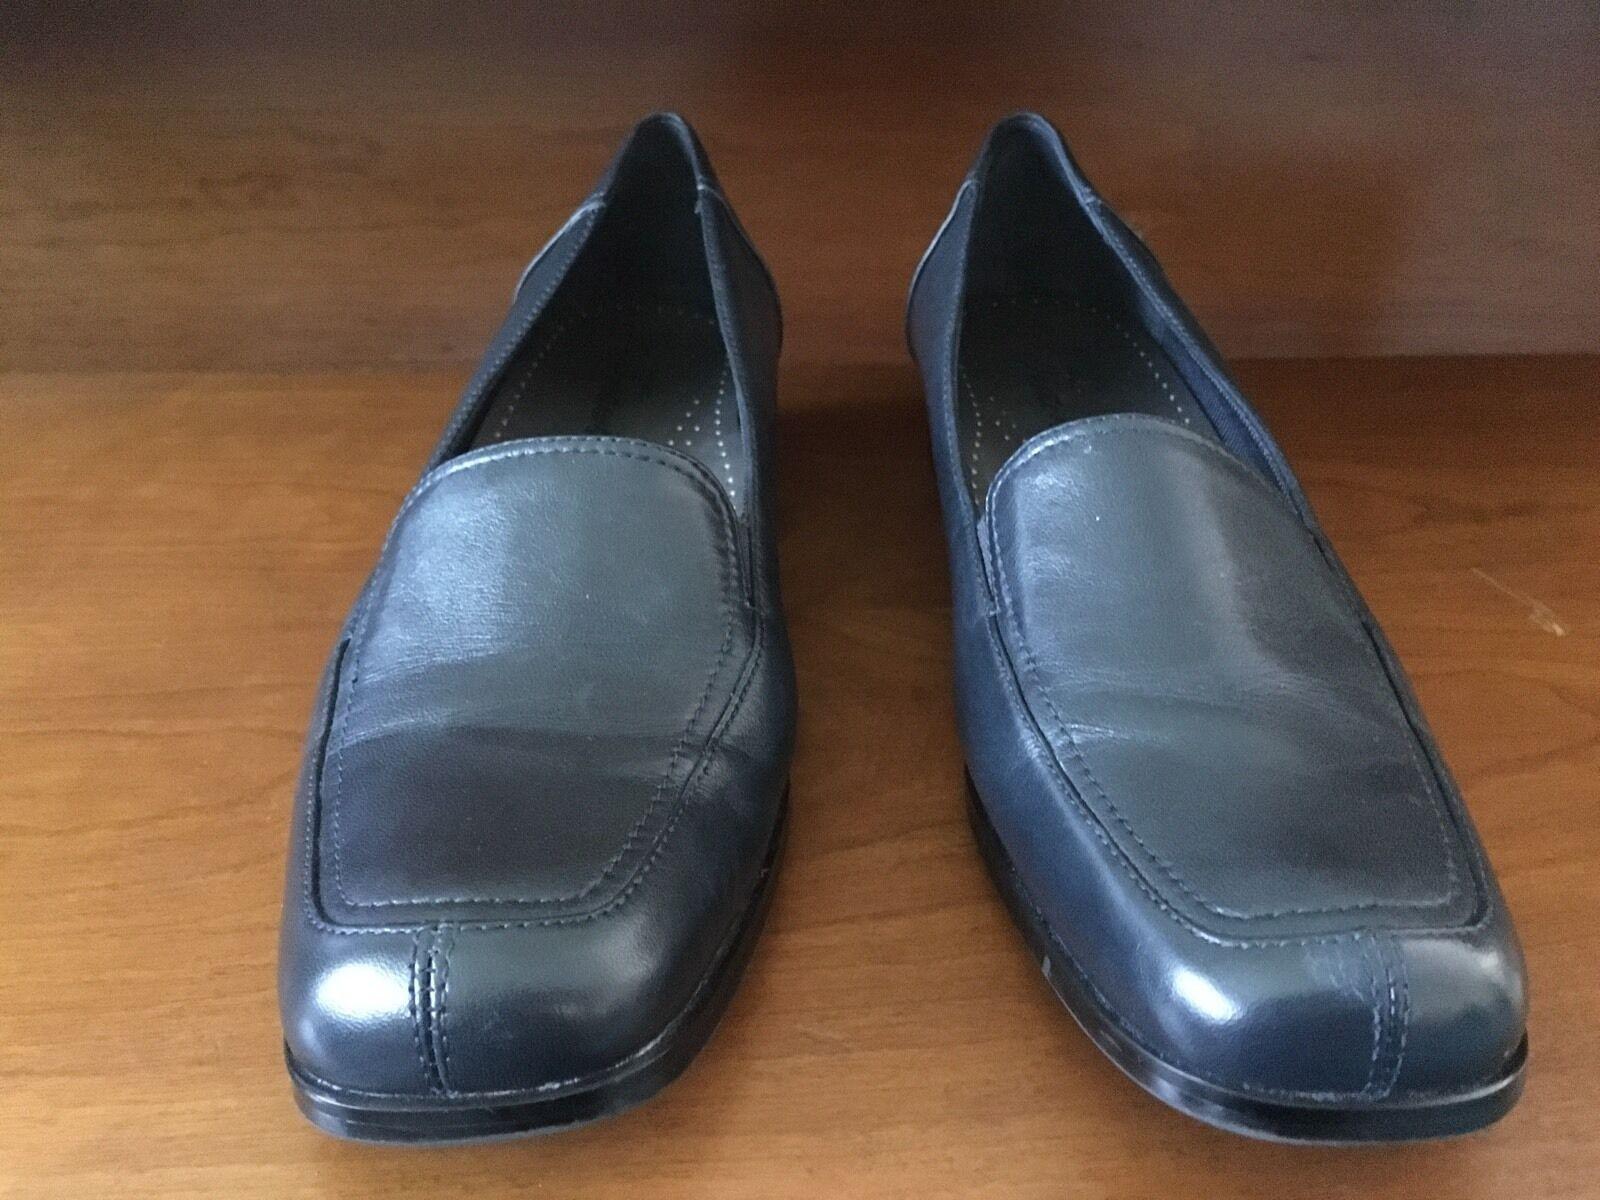 Trotters Navy Blue Women's 10 Size 10 Women's Medium, Classic Slip-on Shoe NEW dd20ee